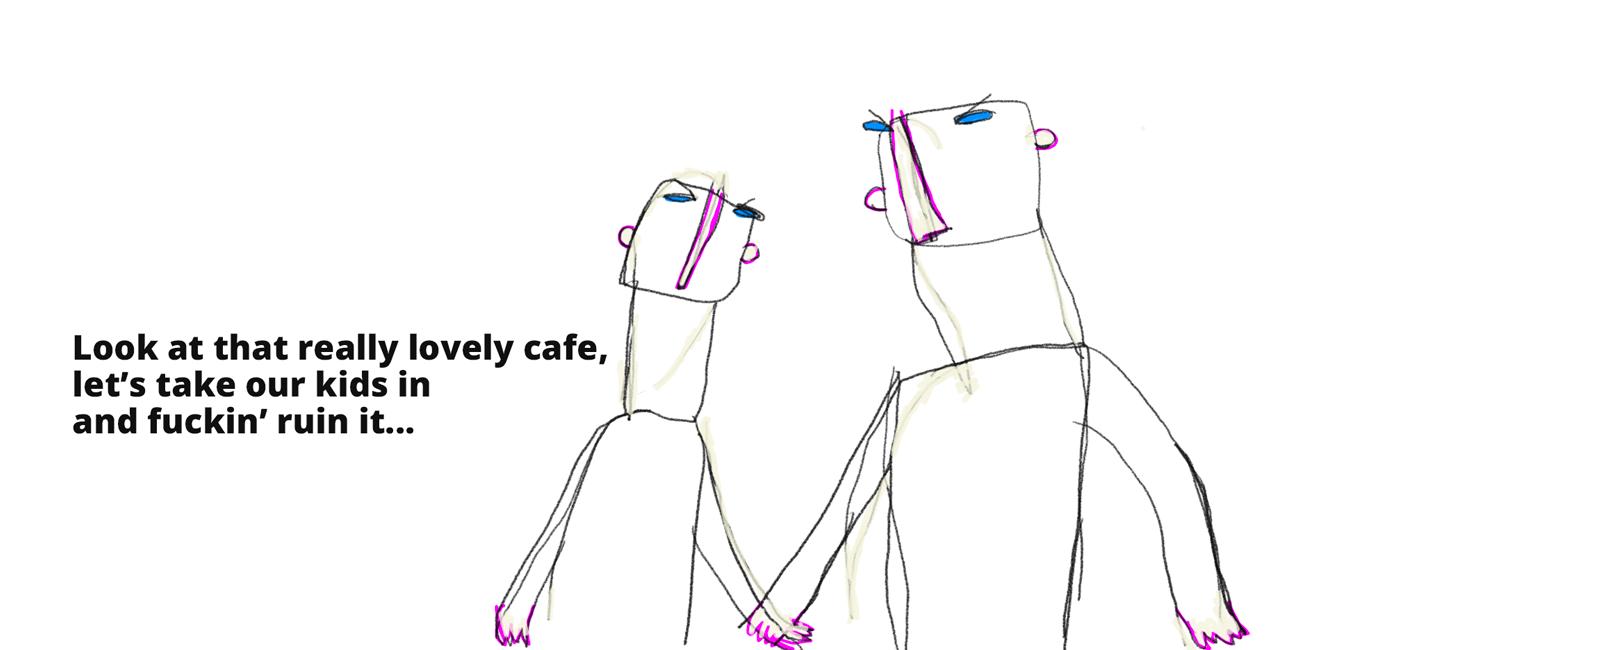 cafe-slider